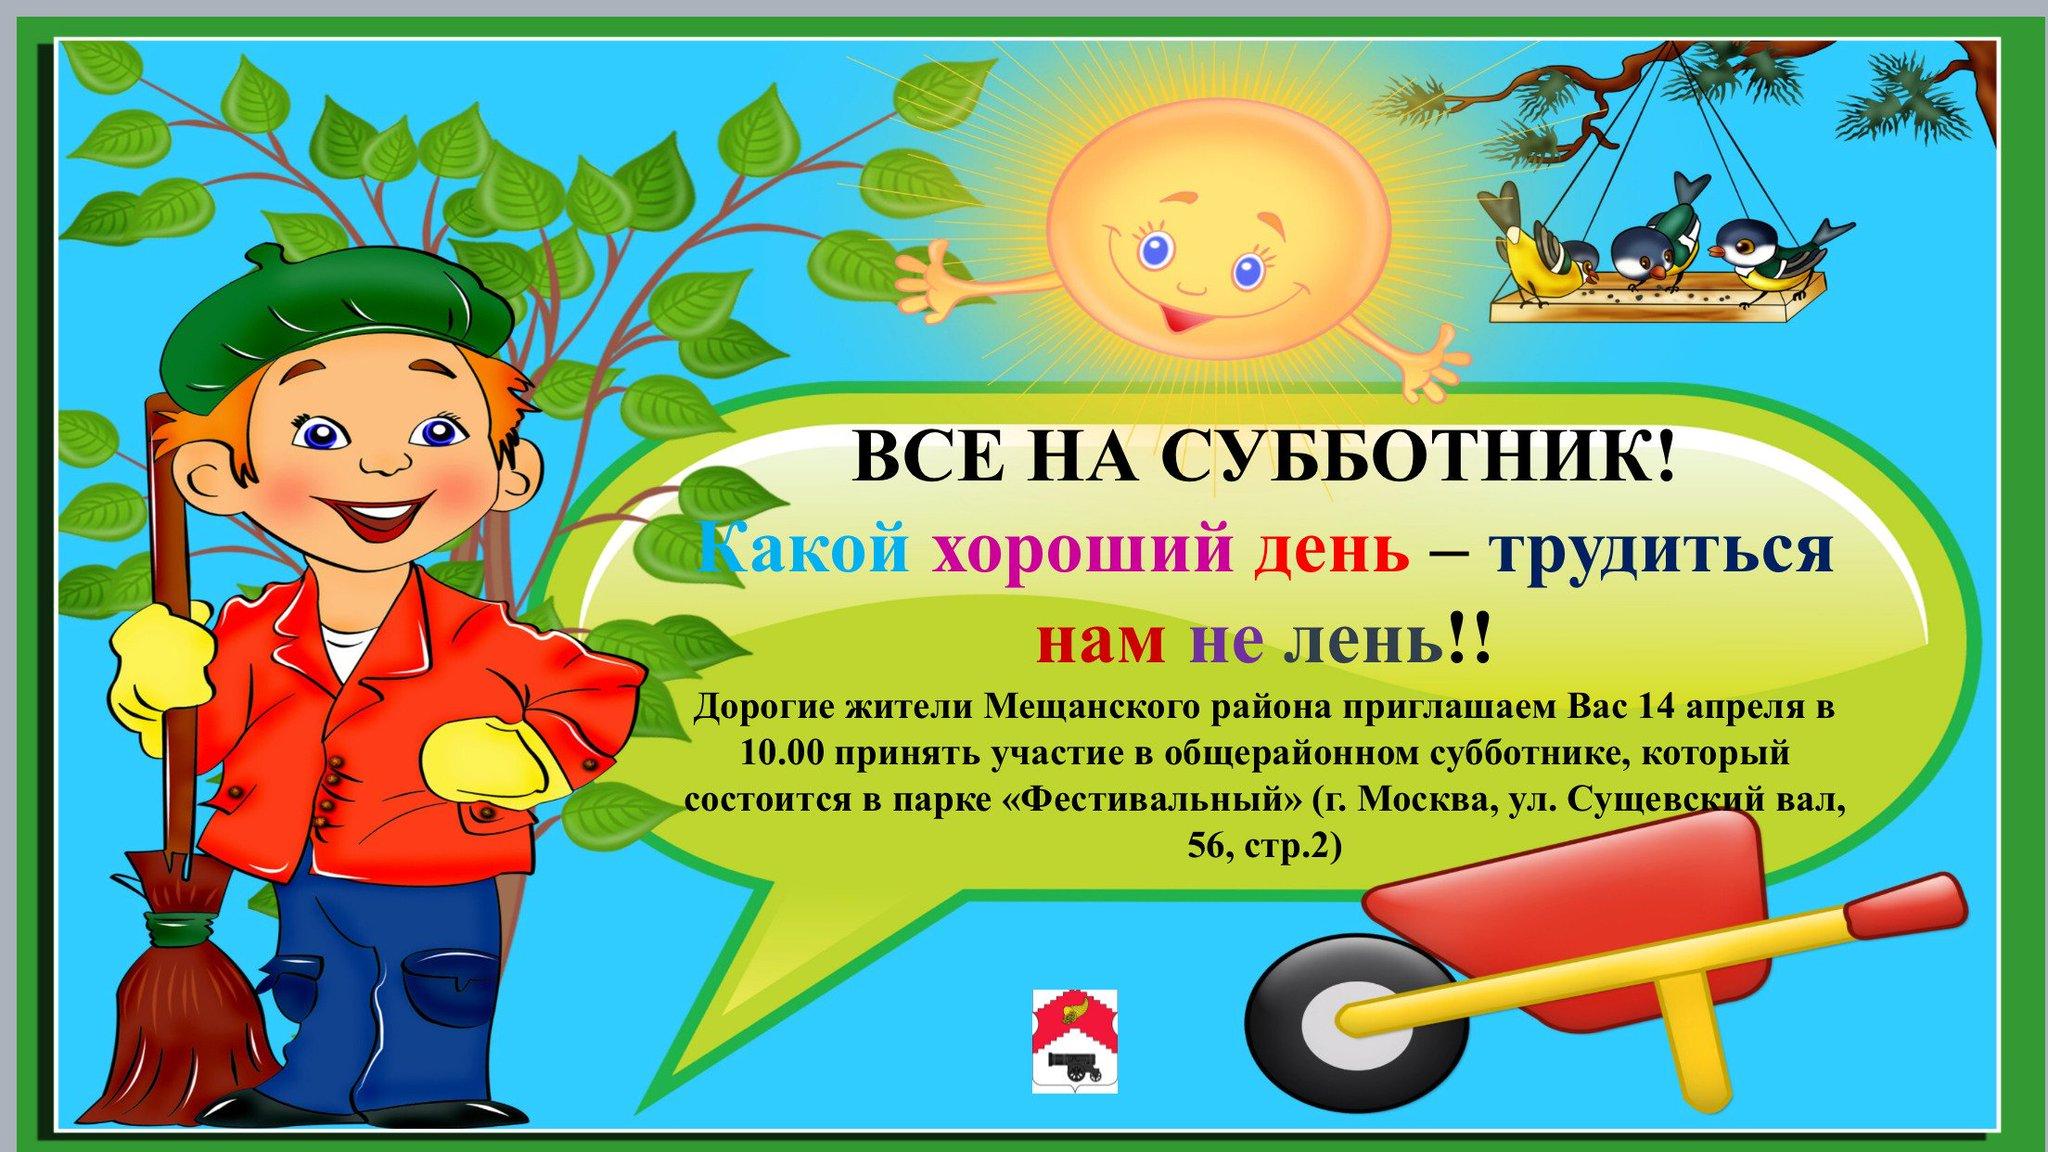 Гоголь, картинки для субботника в школе